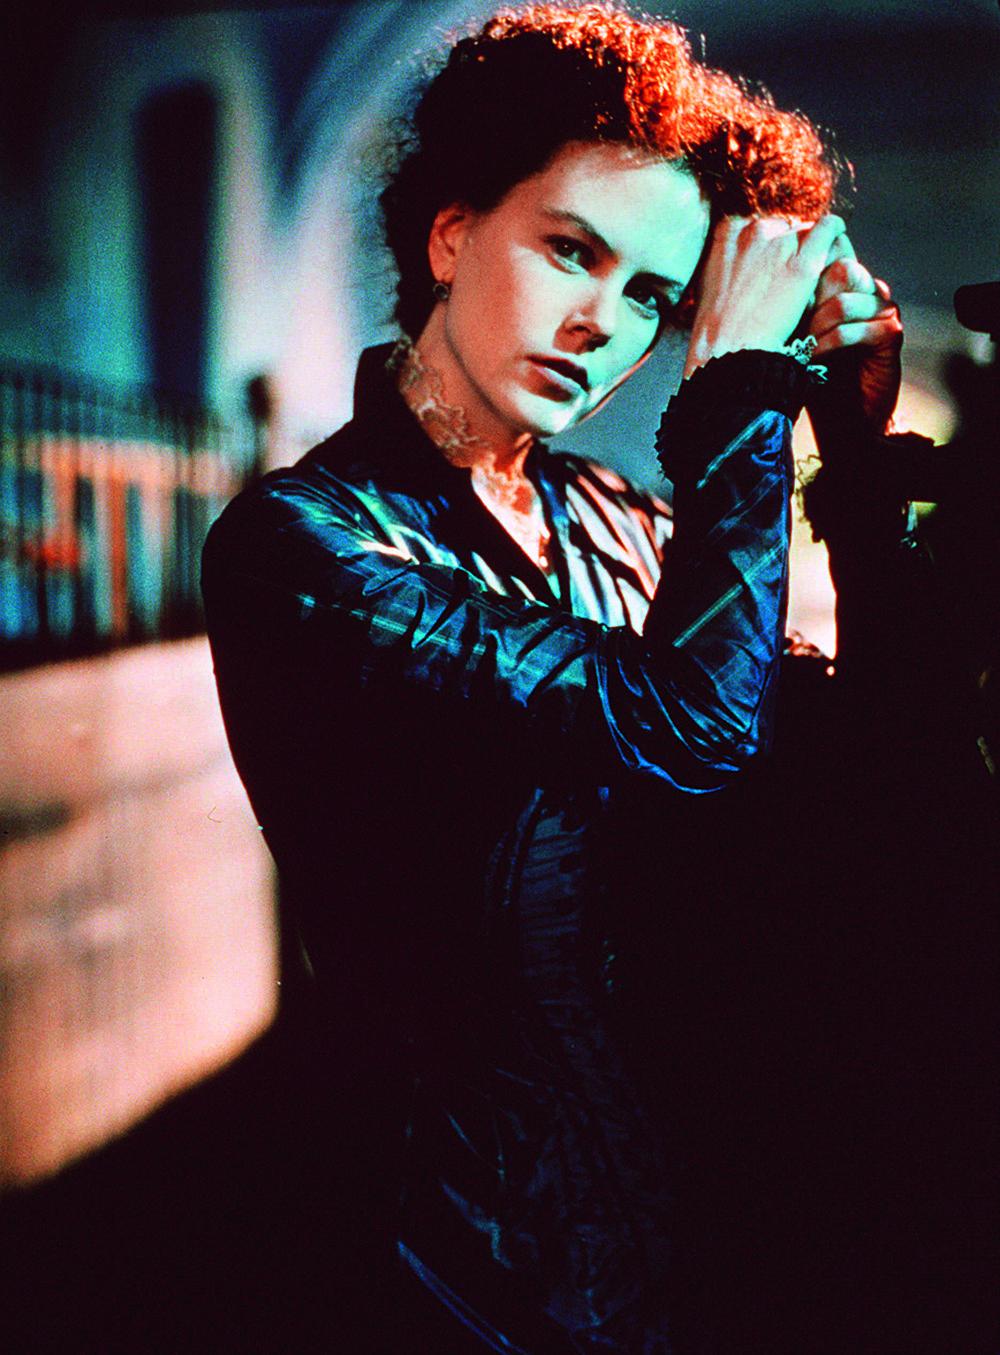 """Николь Кидман. кадр из фильма """"Портрет леди"""", 1996 г."""